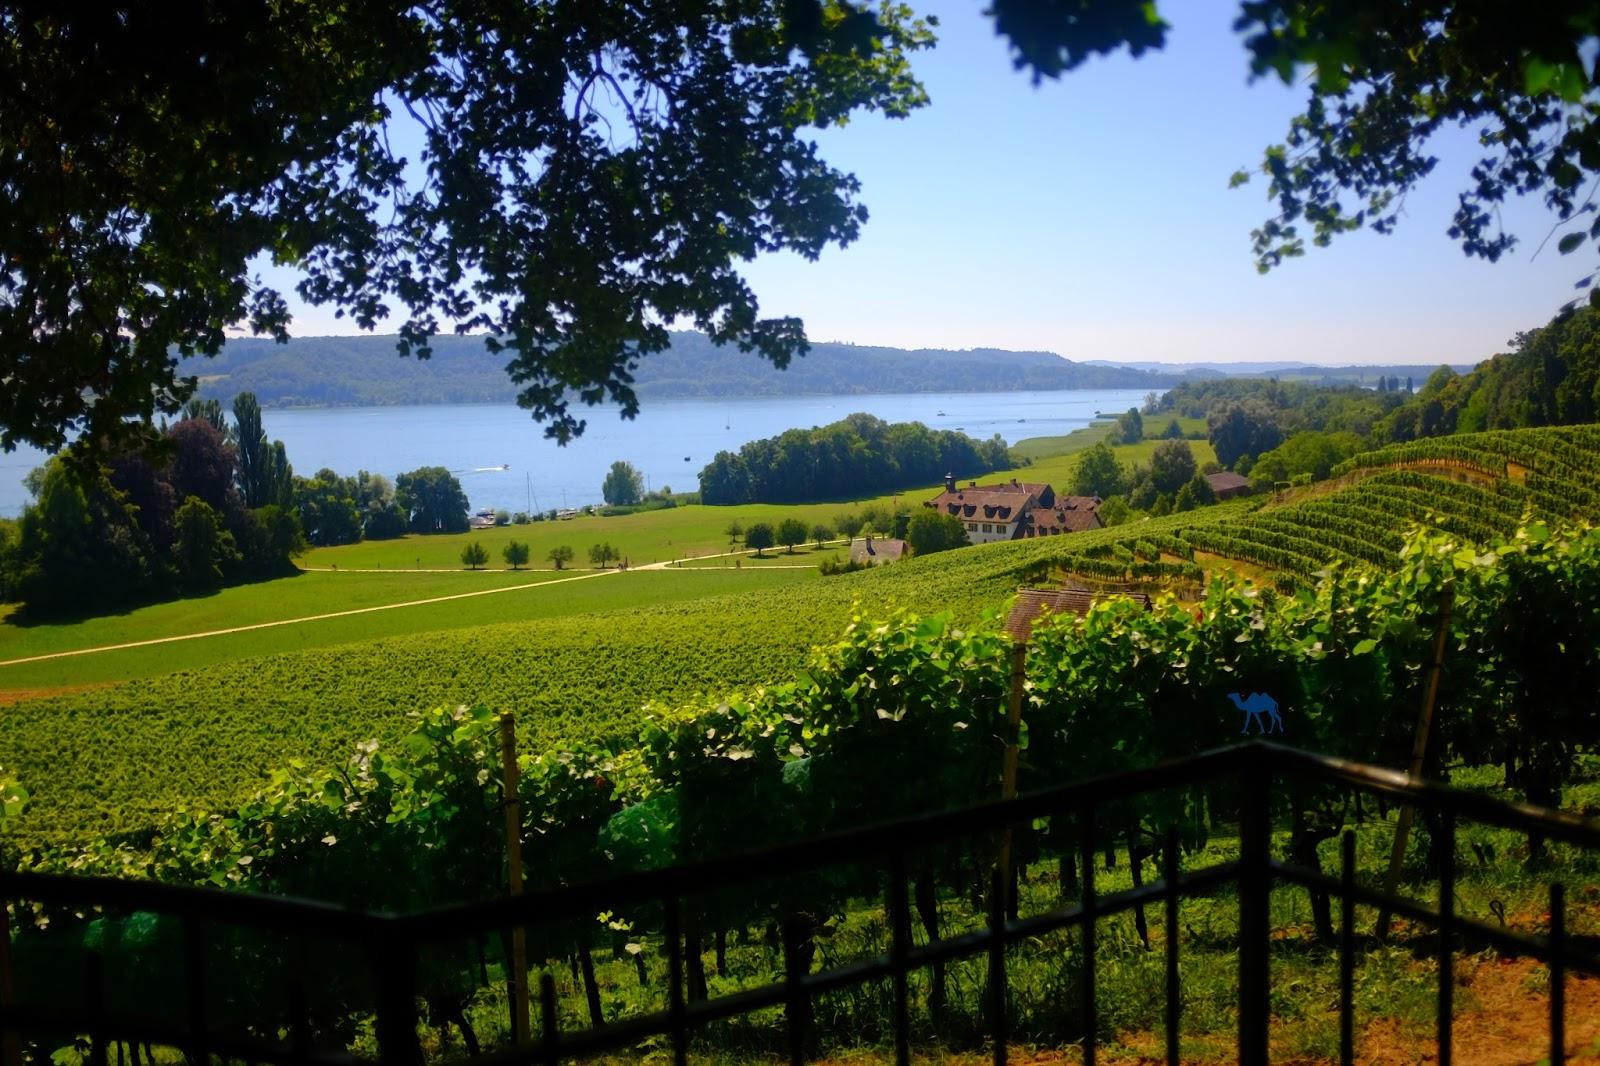 Le Chameau Bleu - Vigne et Lac de Bienne - Suisse